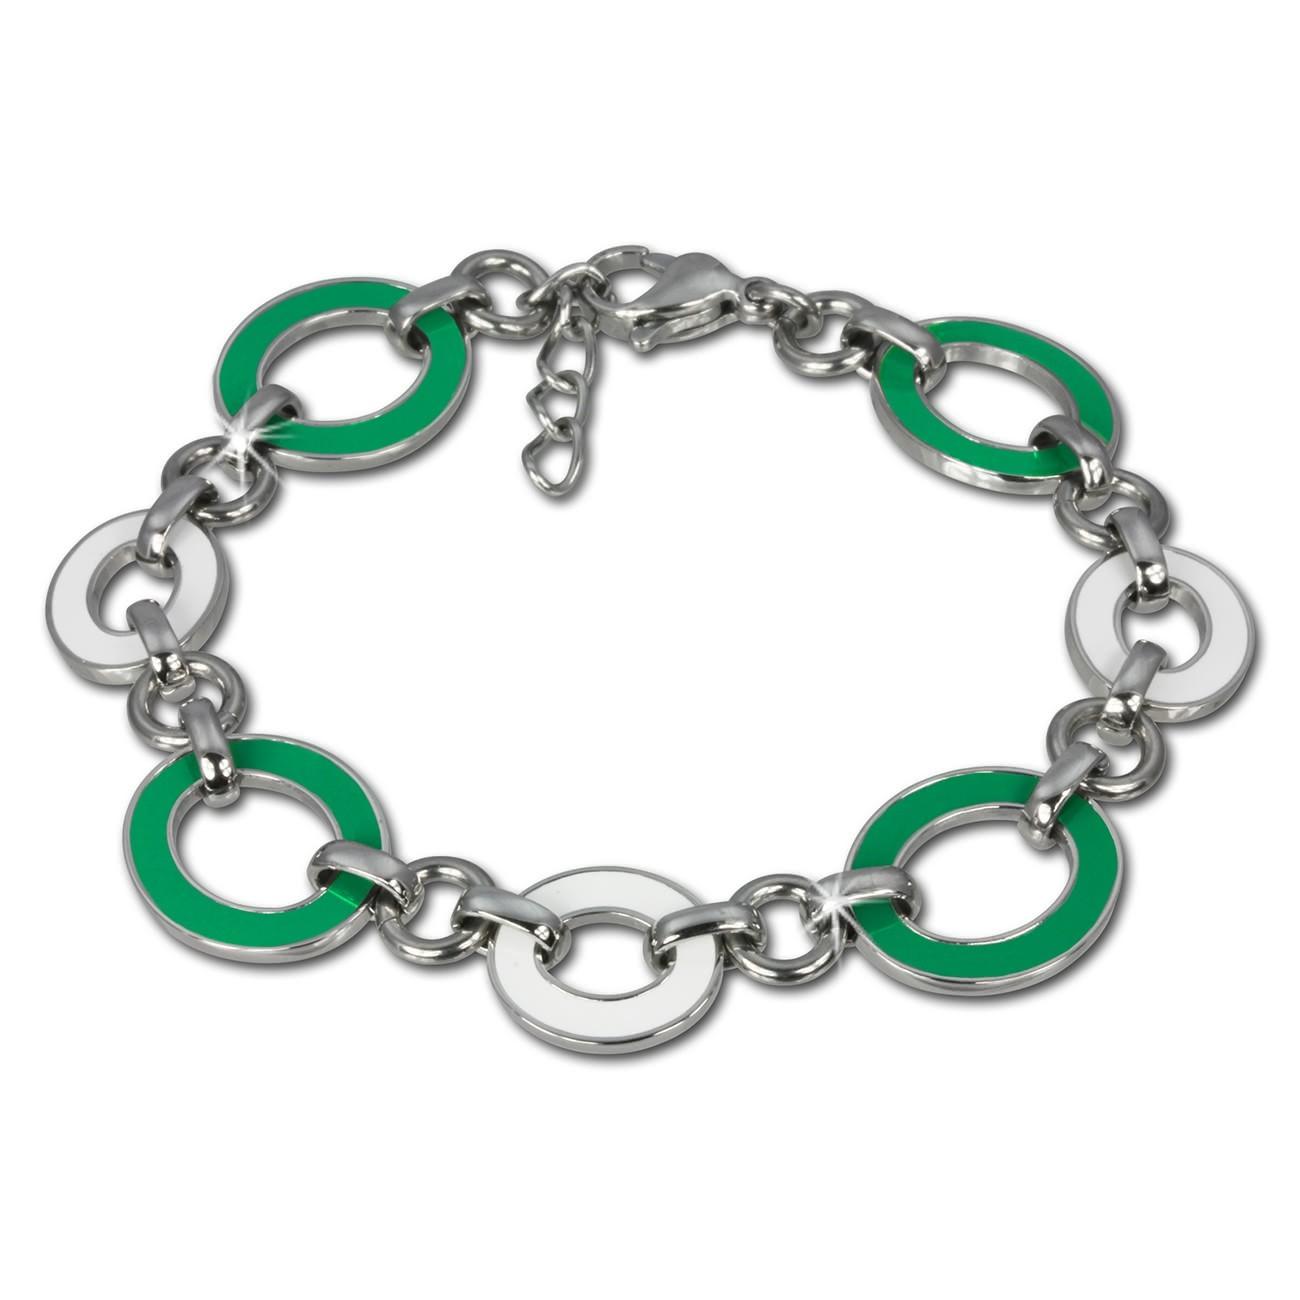 Amello Armband Oval Emaille grün/weiß Damen Edelstahlschmuck ESAG01G